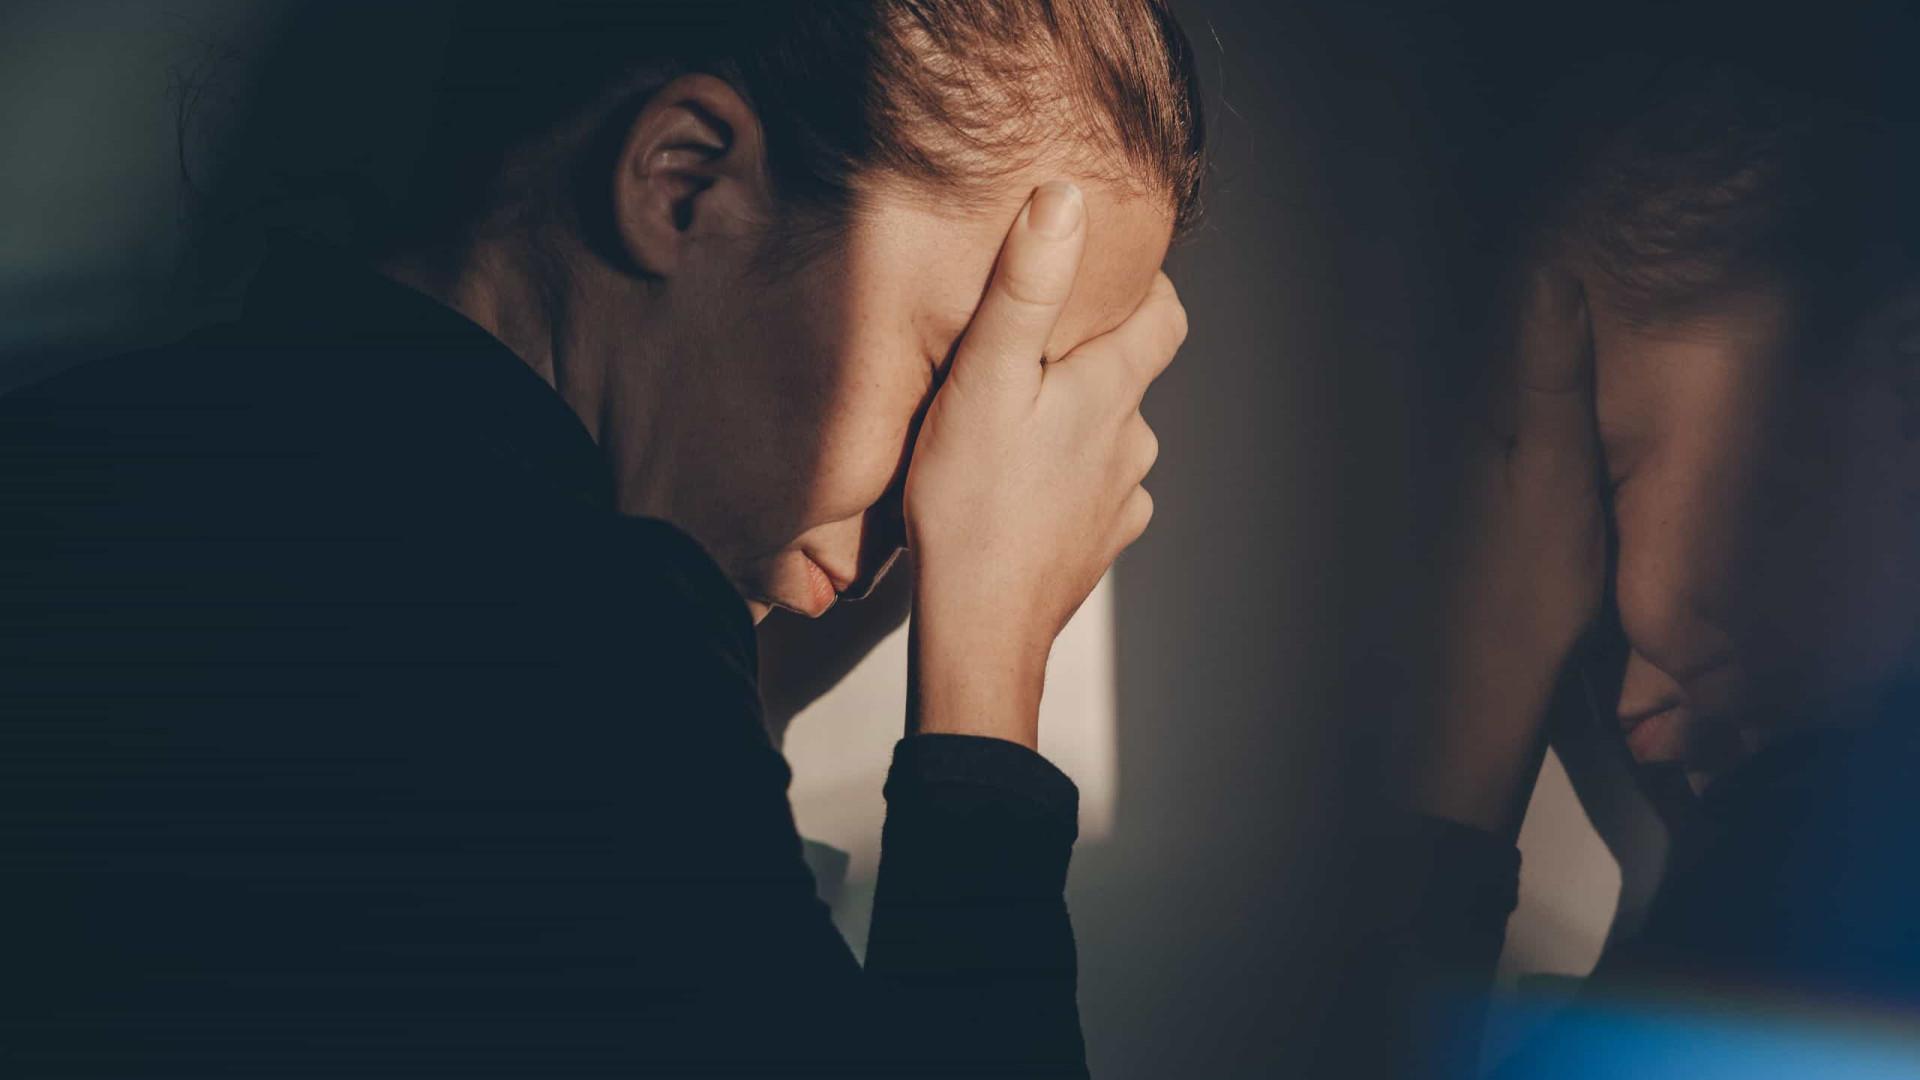 Covid-19: Recuperados podem sofrer de delírio e stress pós-traumático